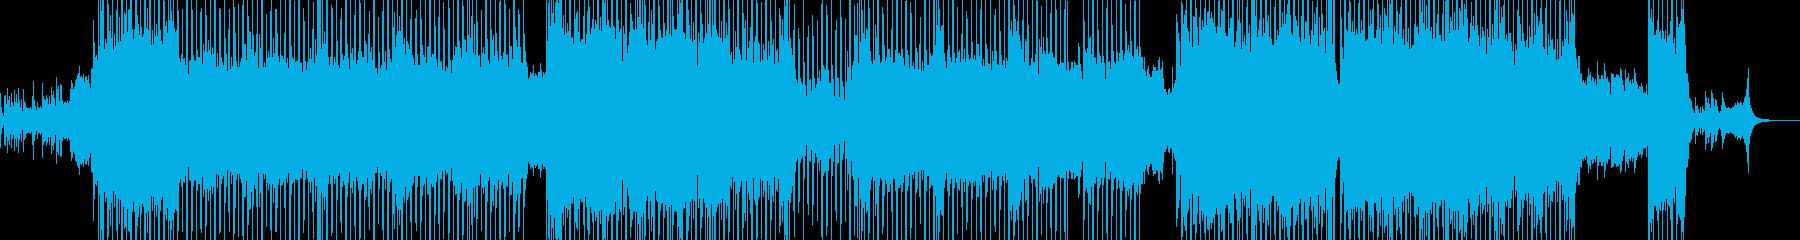 2人が結ばれる演出に・スローテクノ Aの再生済みの波形